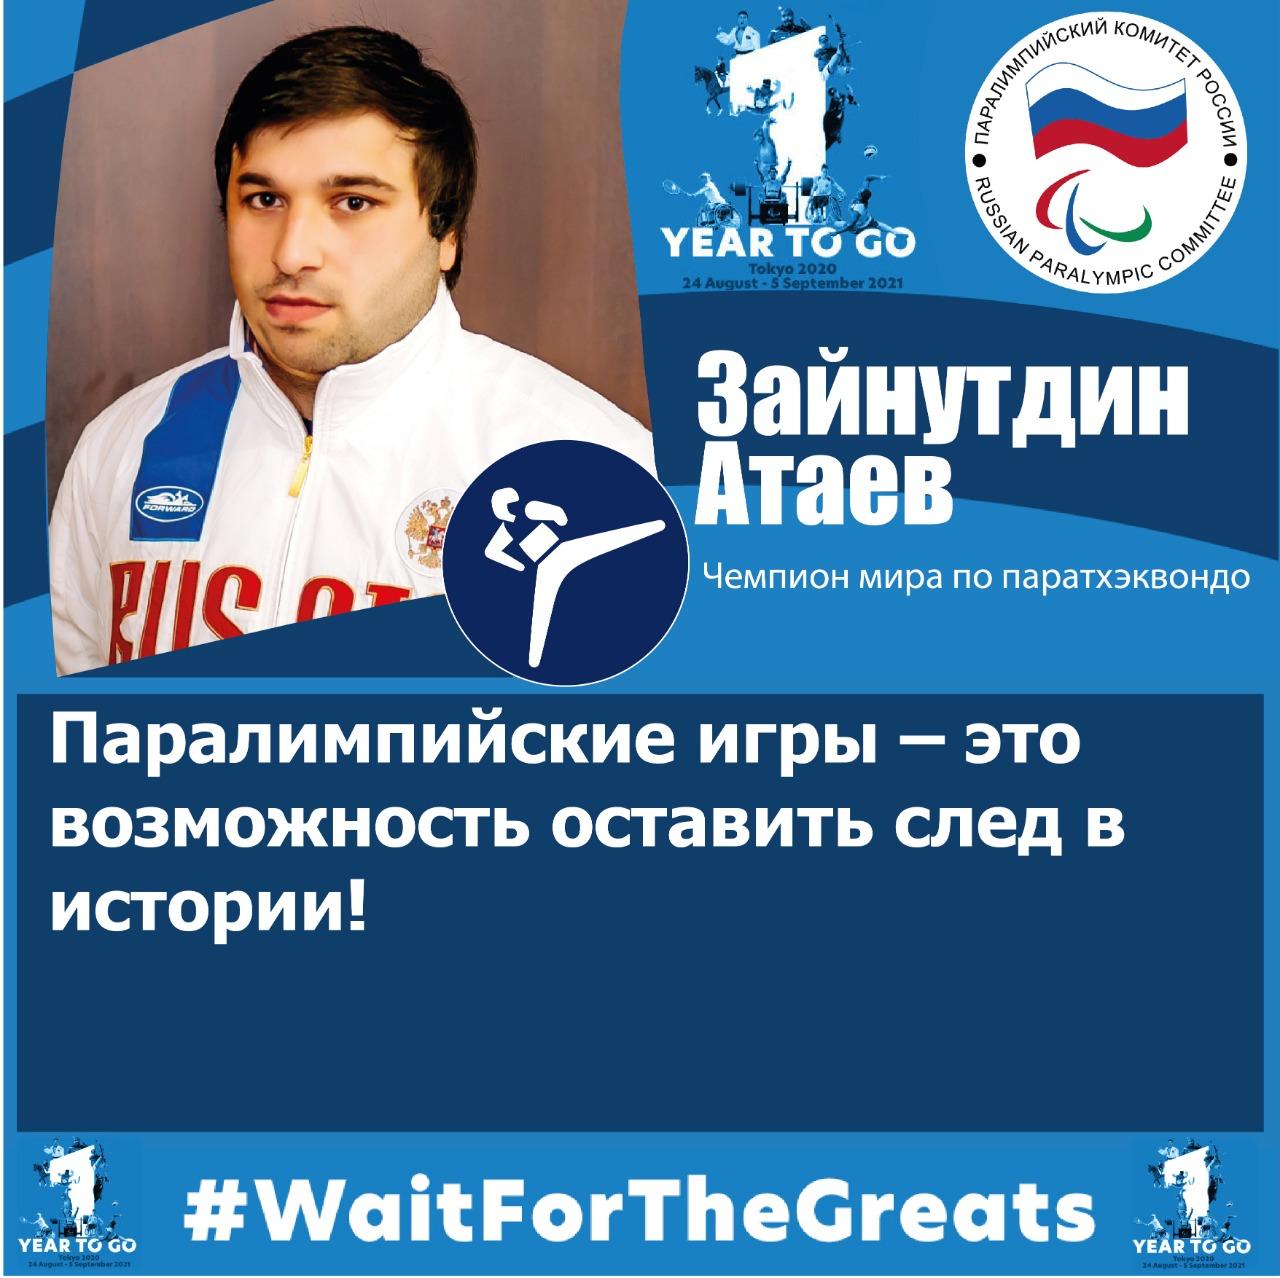 З. Атаев: «Паралимпийские игры – это возможность оставить след в истории!»